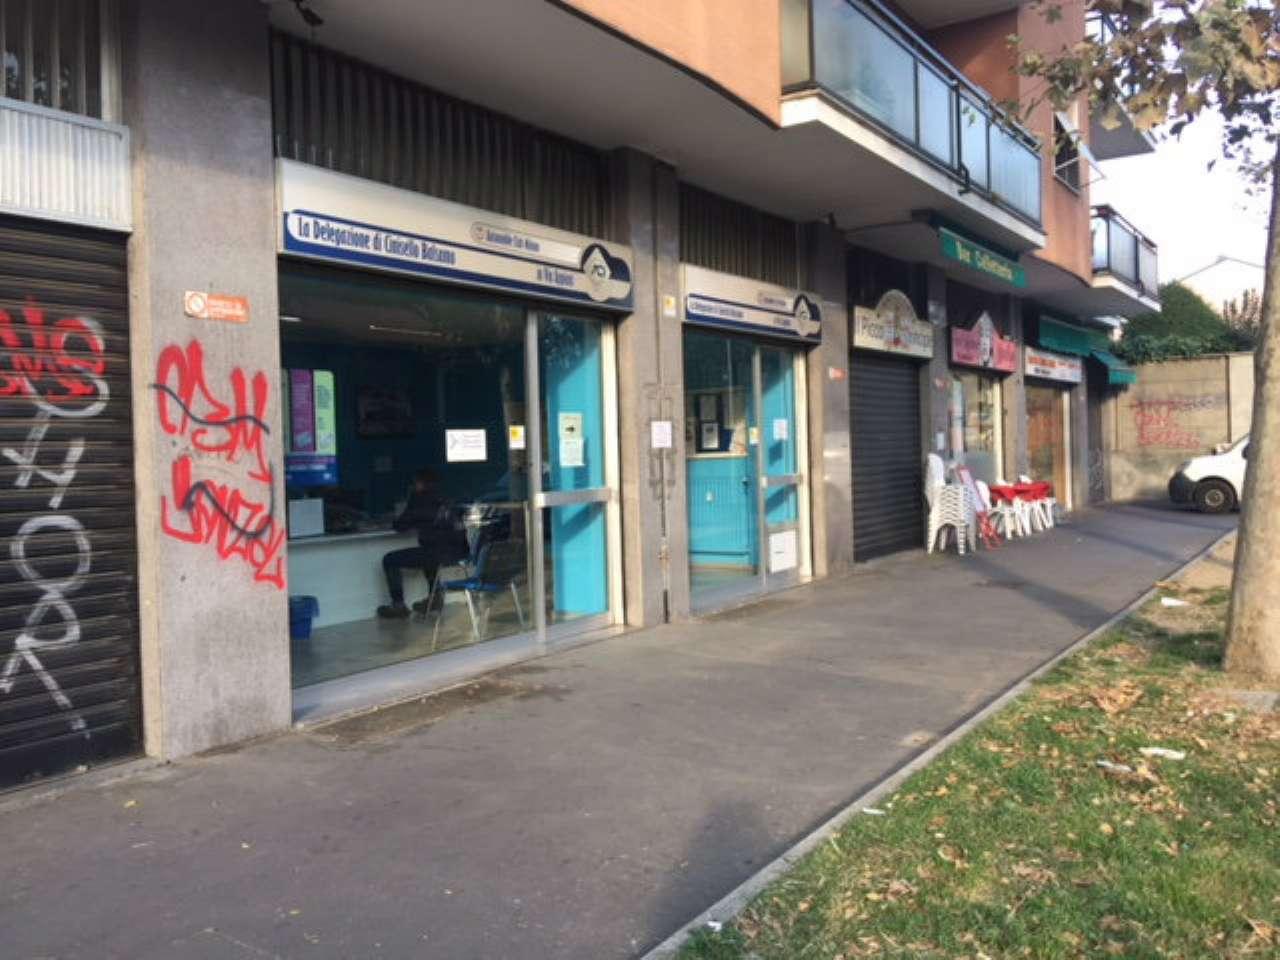 Negozio / Locale in vendita a Cinisello Balsamo, 1 locali, prezzo € 64.000 | CambioCasa.it